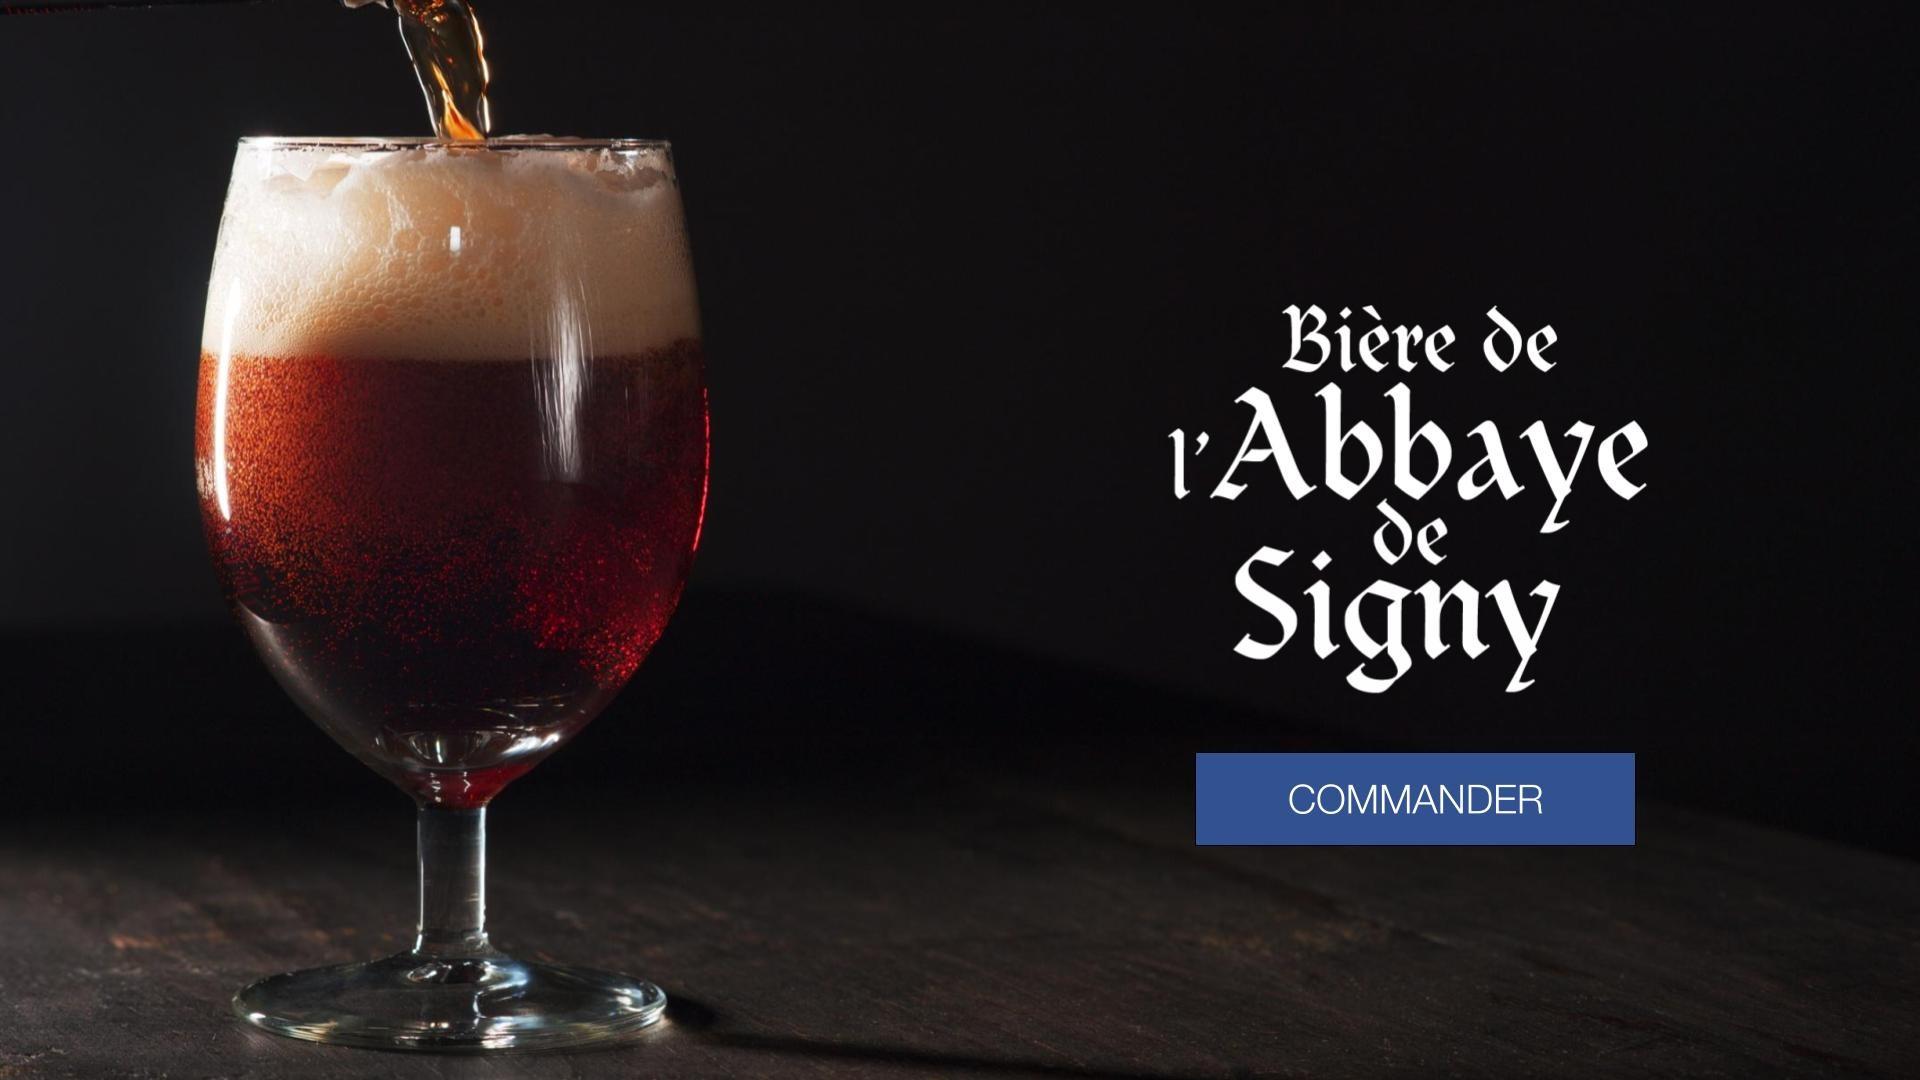 La bière de l'Abbaye de Signy est une bière bio